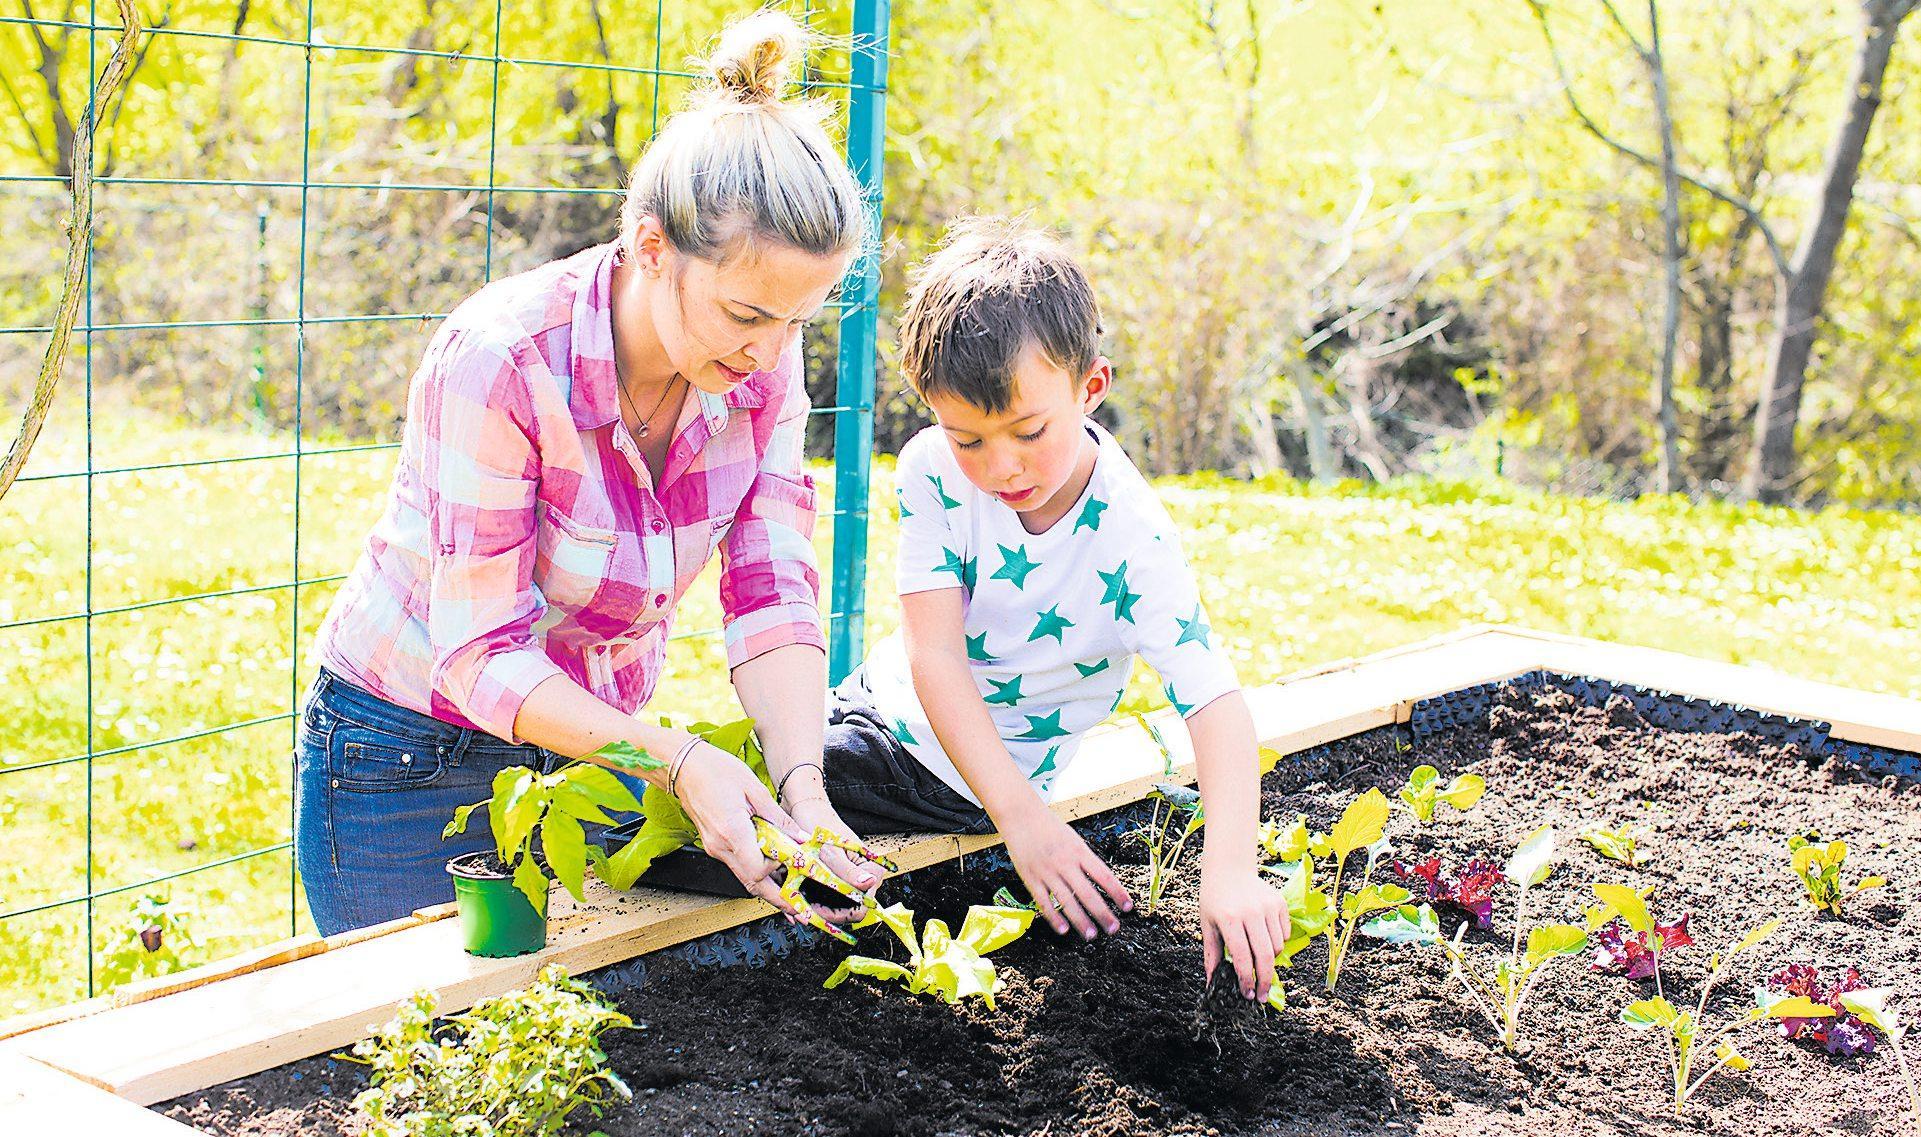 Keiner zu klein, um im Garten oder Hochbeet Gemüse anzupflanzen: Superfood aus Eigenproduktion. Bild: Adobe Stock